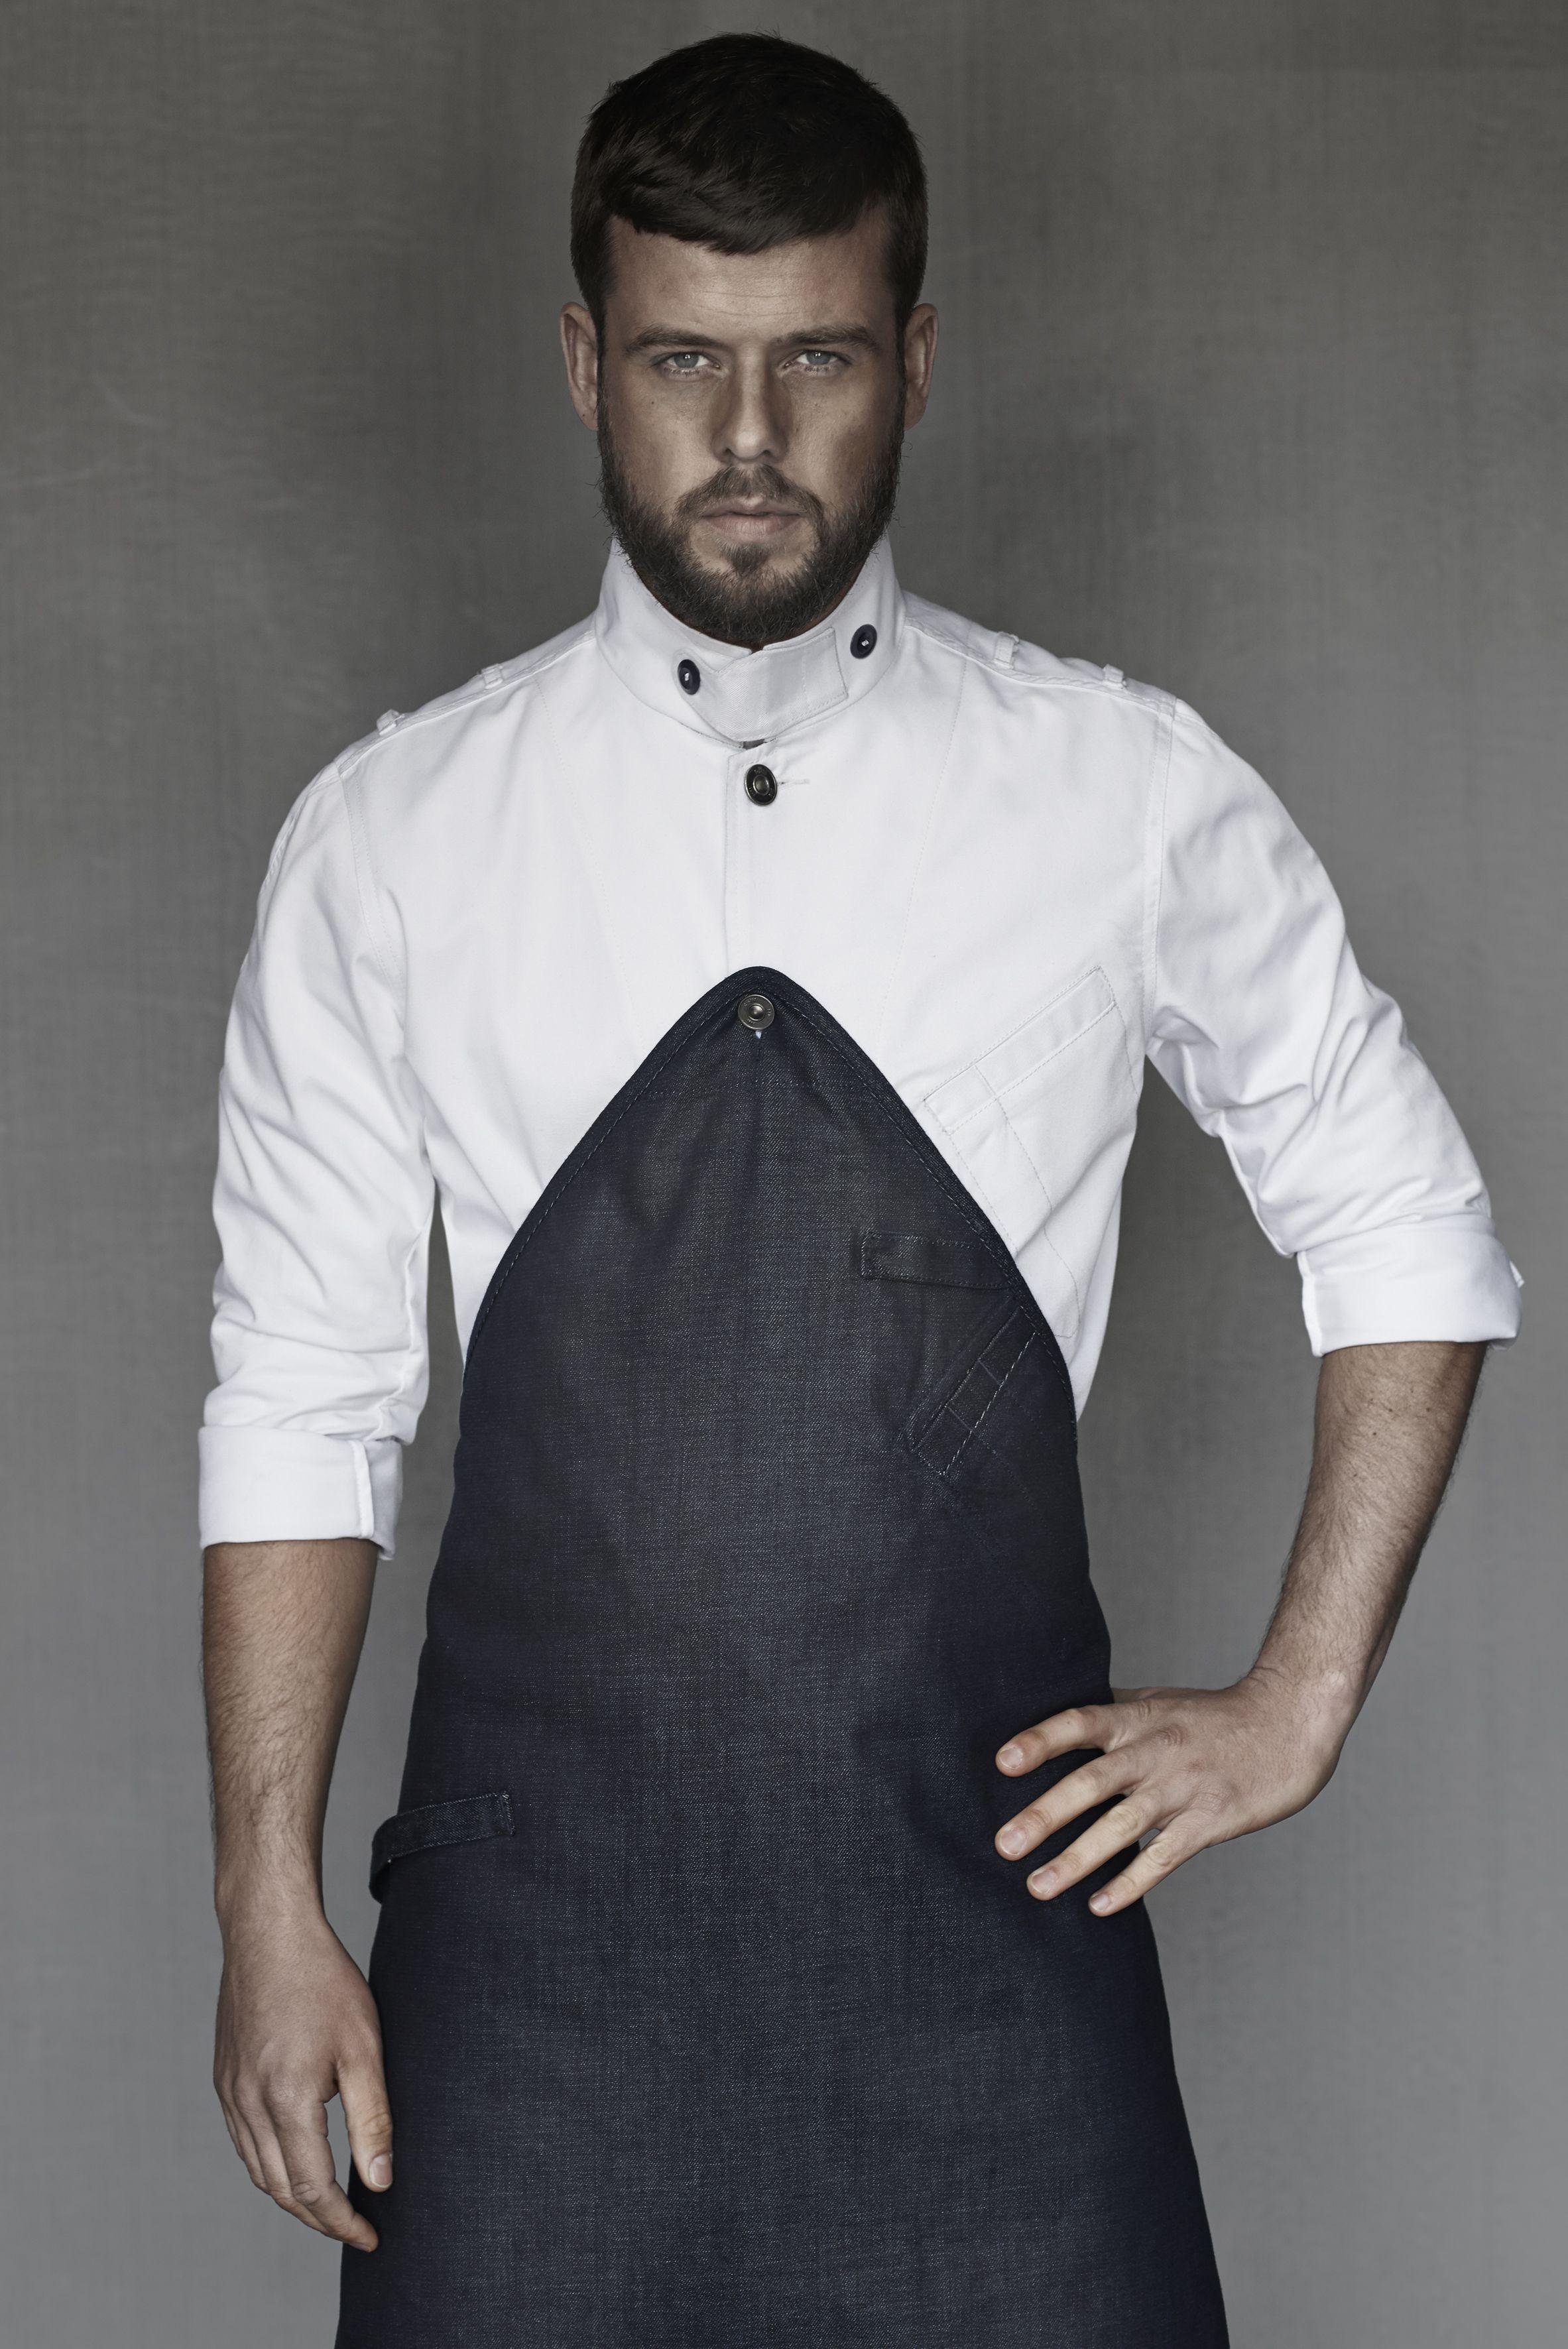 Masterchef apron (white) official merchandise - Aprons